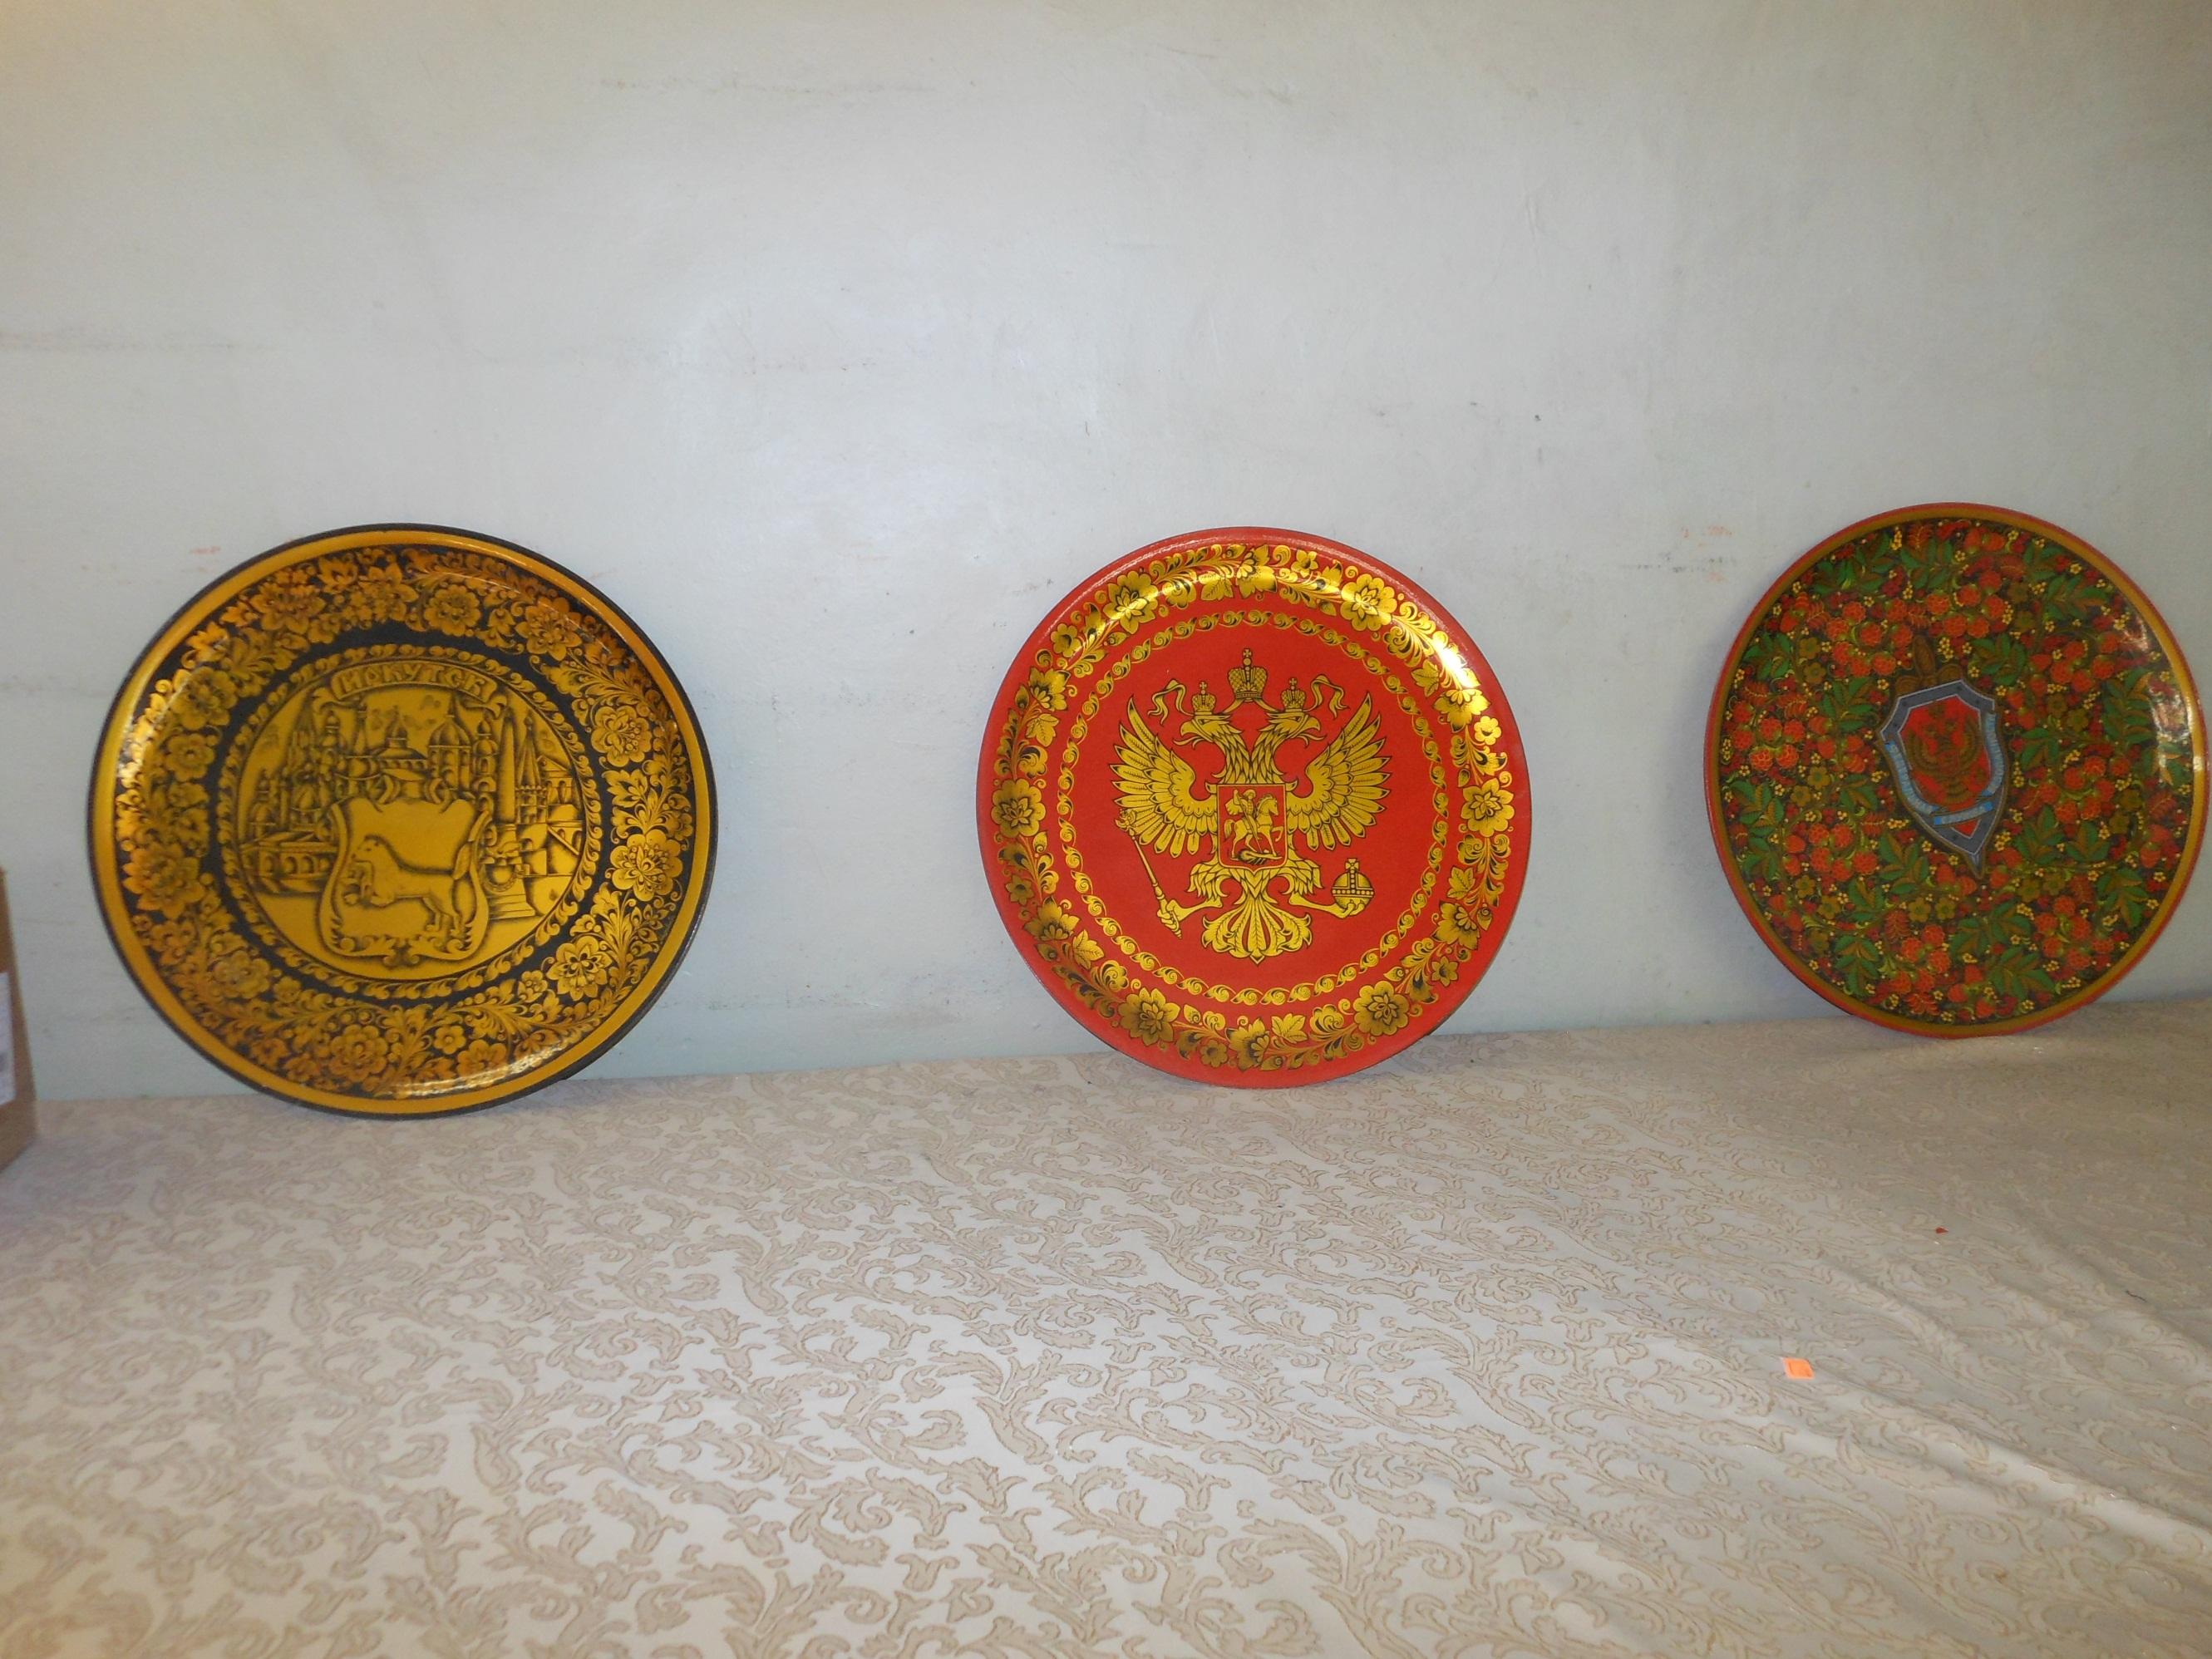 D:\фотографии\2012 г\Нижний Новгород 10.10.-12.10.12г\DSCN3620.JPG